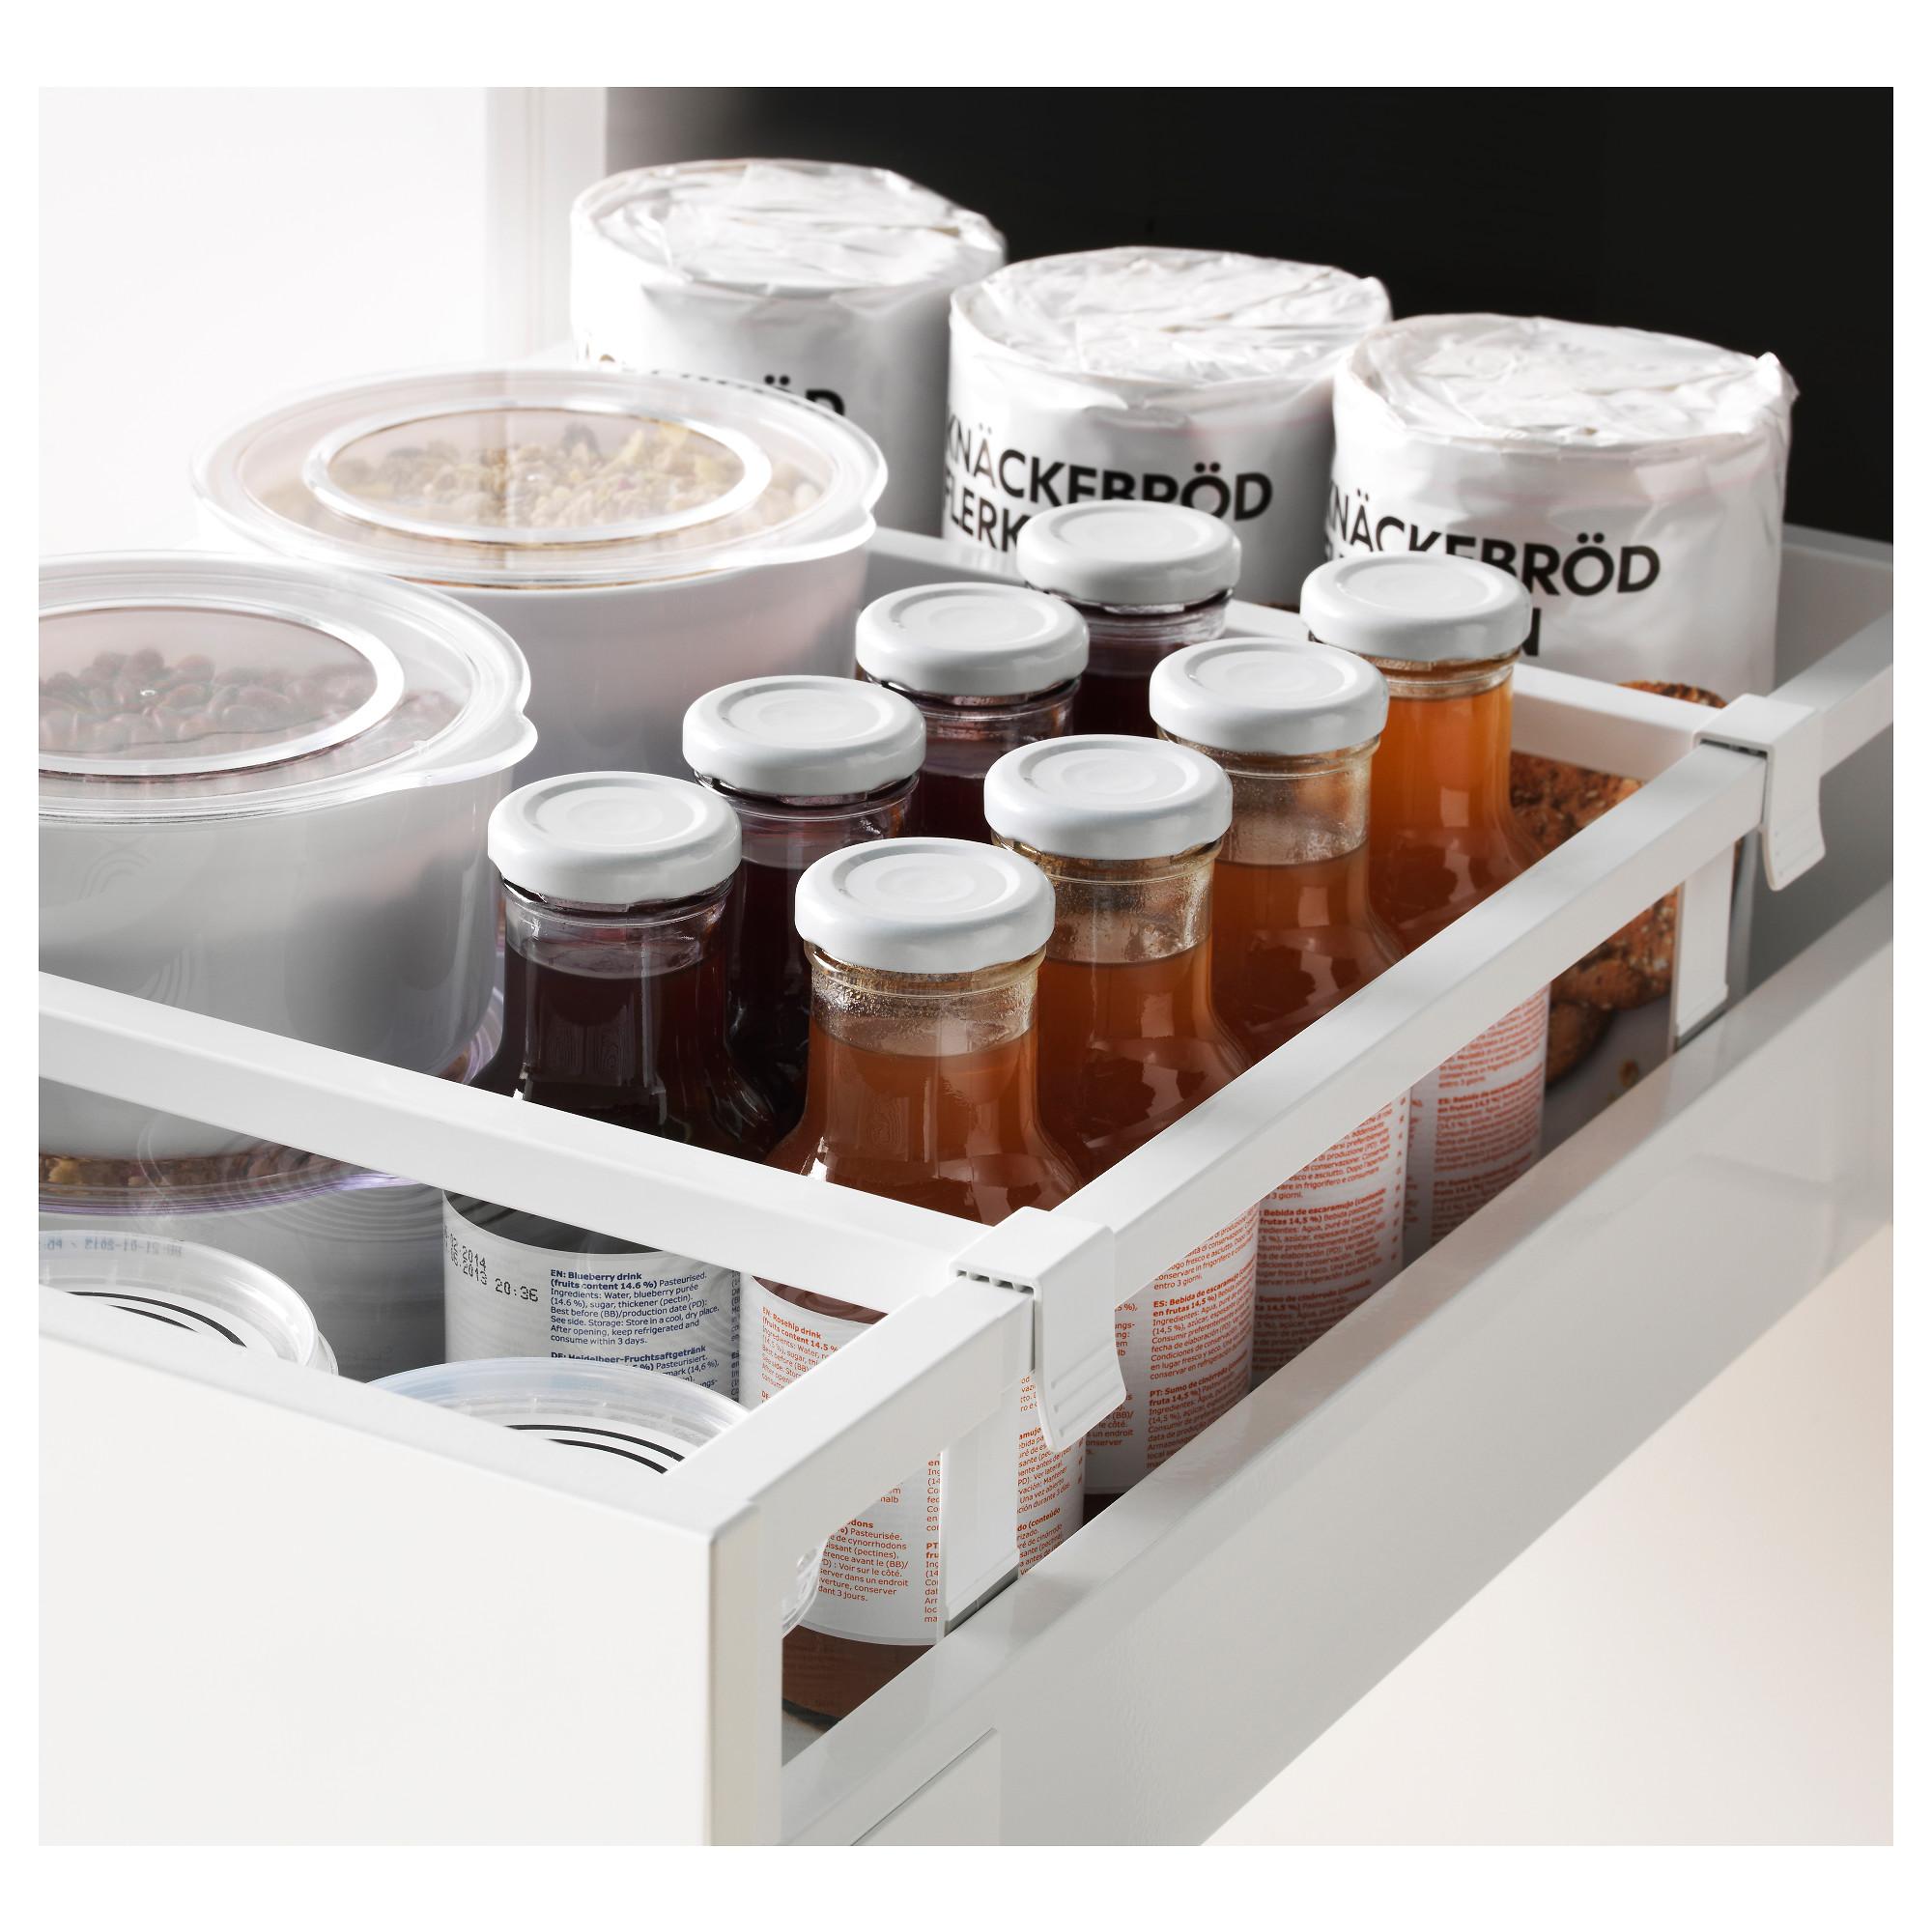 Высокий шкаф + полки, 5 ящиков, 2 дверцы, 2 фронтальных МЕТОД / МАКСИМЕРА черный артикуль № 792.364.77 в наличии. Online сайт IKEA Минск. Недорогая доставка и монтаж.